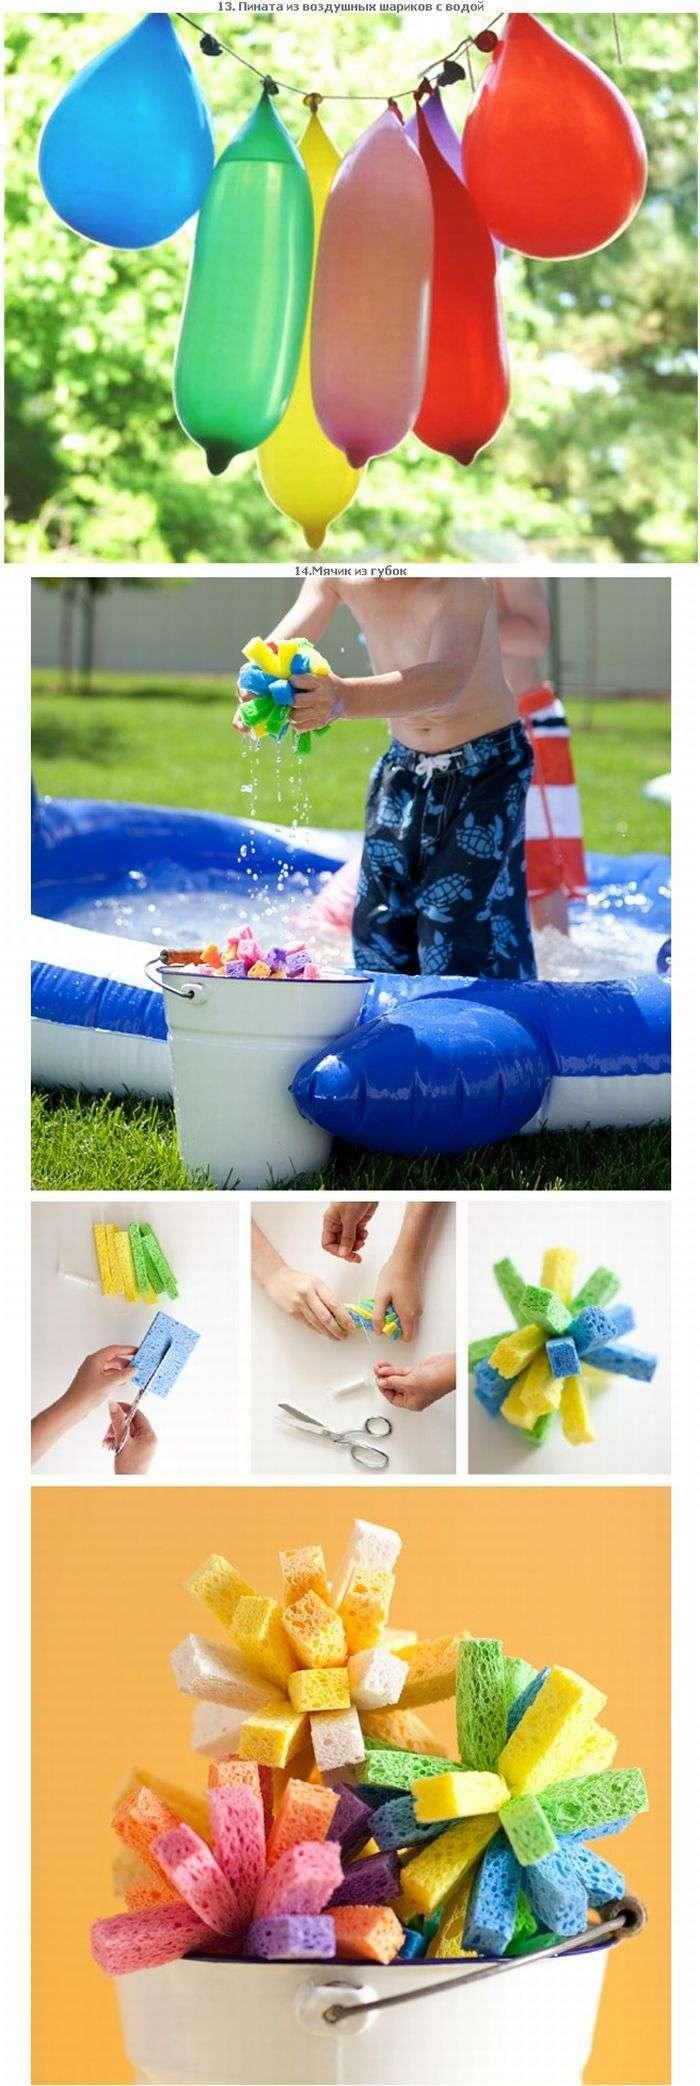 Літні розваги для дітей (29 фото)